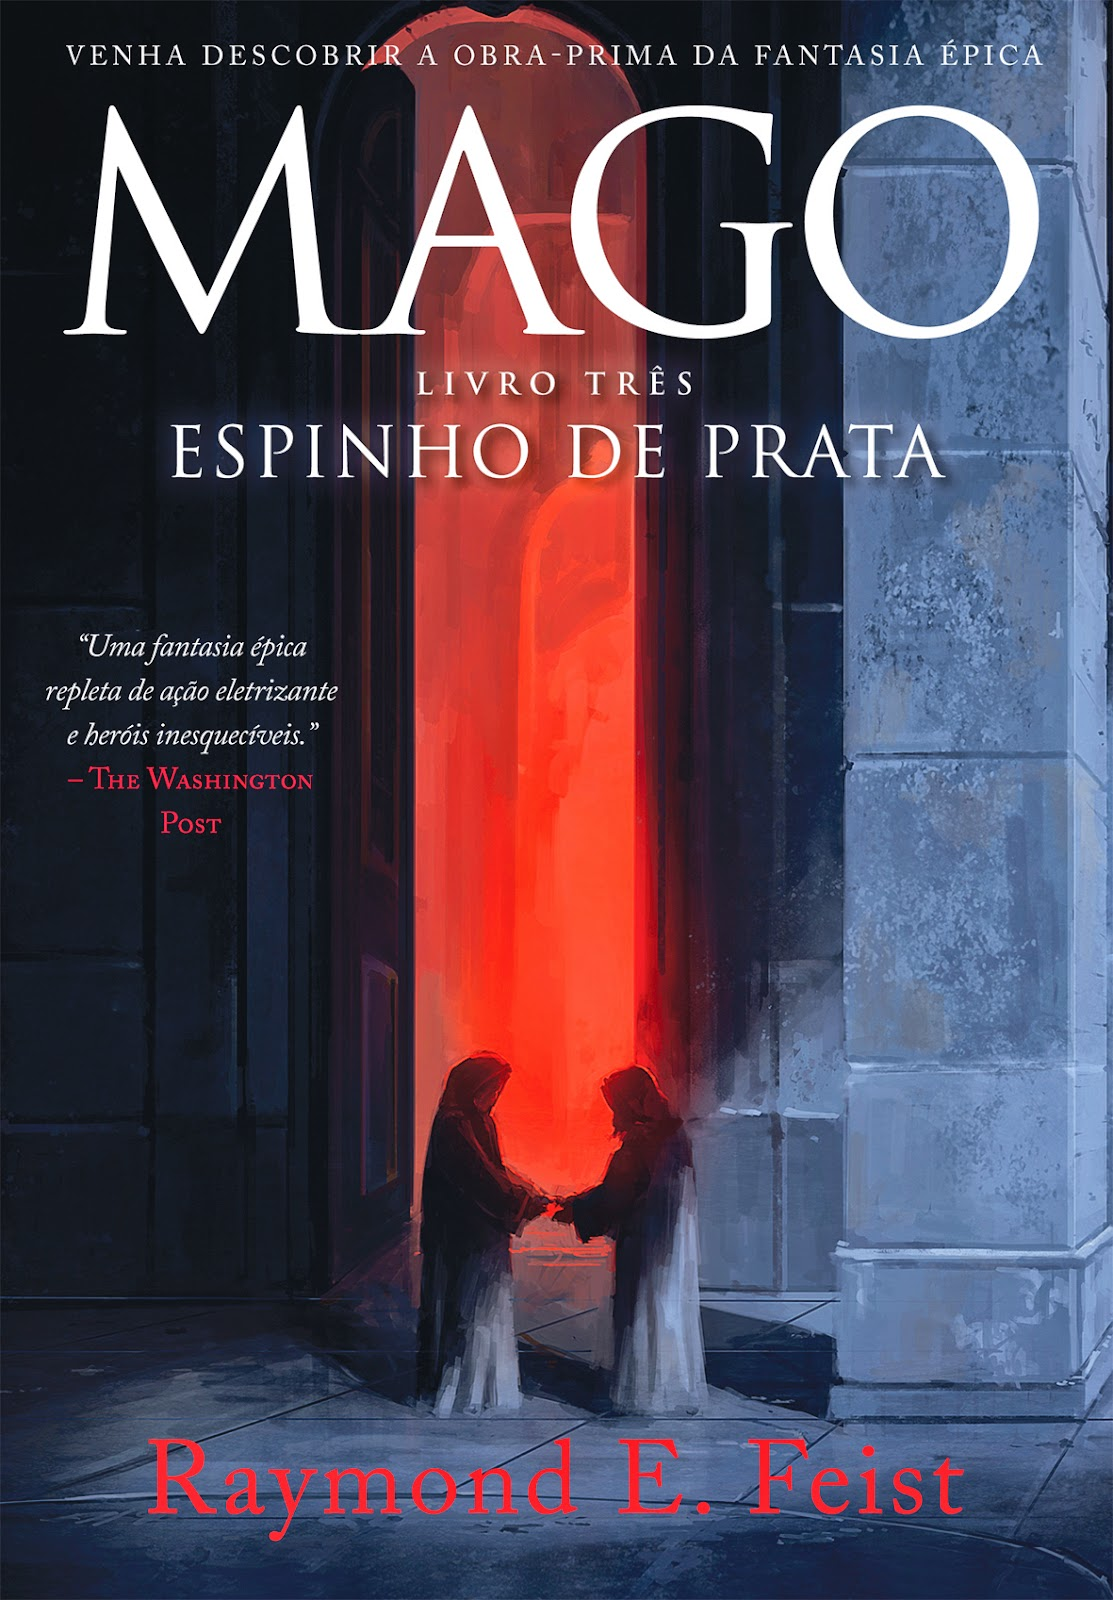 http://surtosliterarios.blogspot.com.br/2014/07/resenha-mago-espinho-de-prata-livro-tres.html